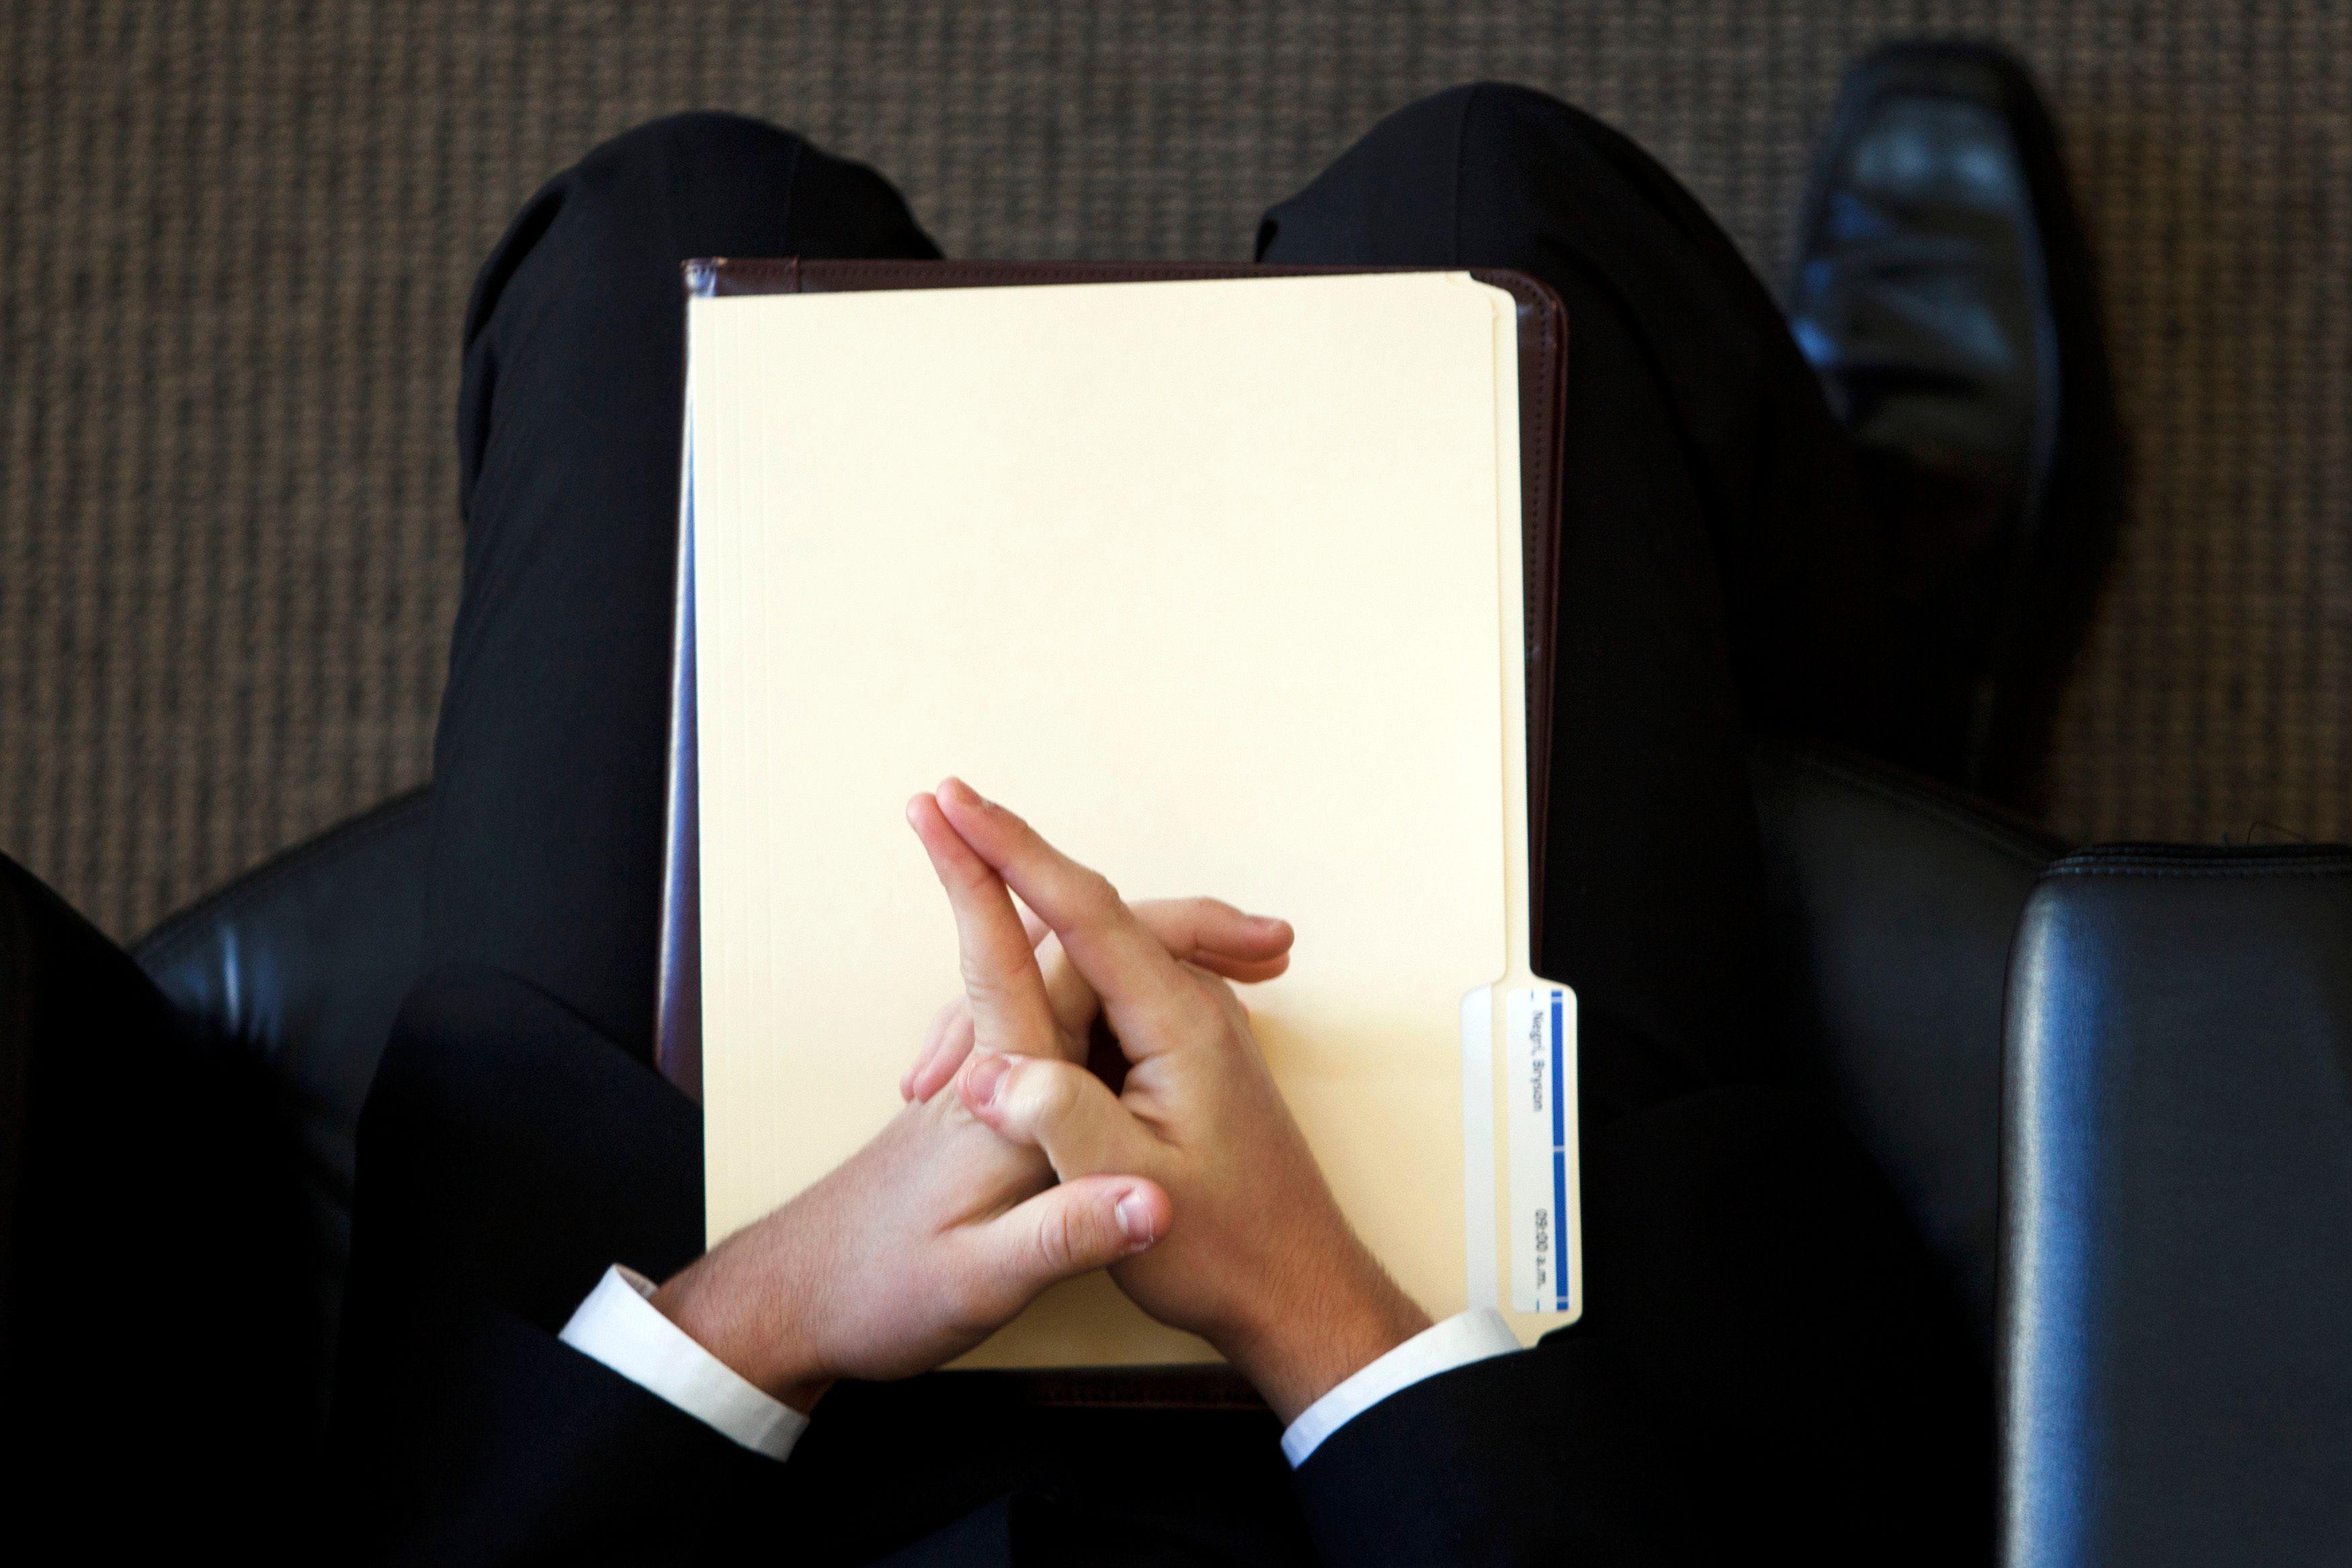 La posture, le visage, la gestuelle... : tout savoir pour faire bonne impression